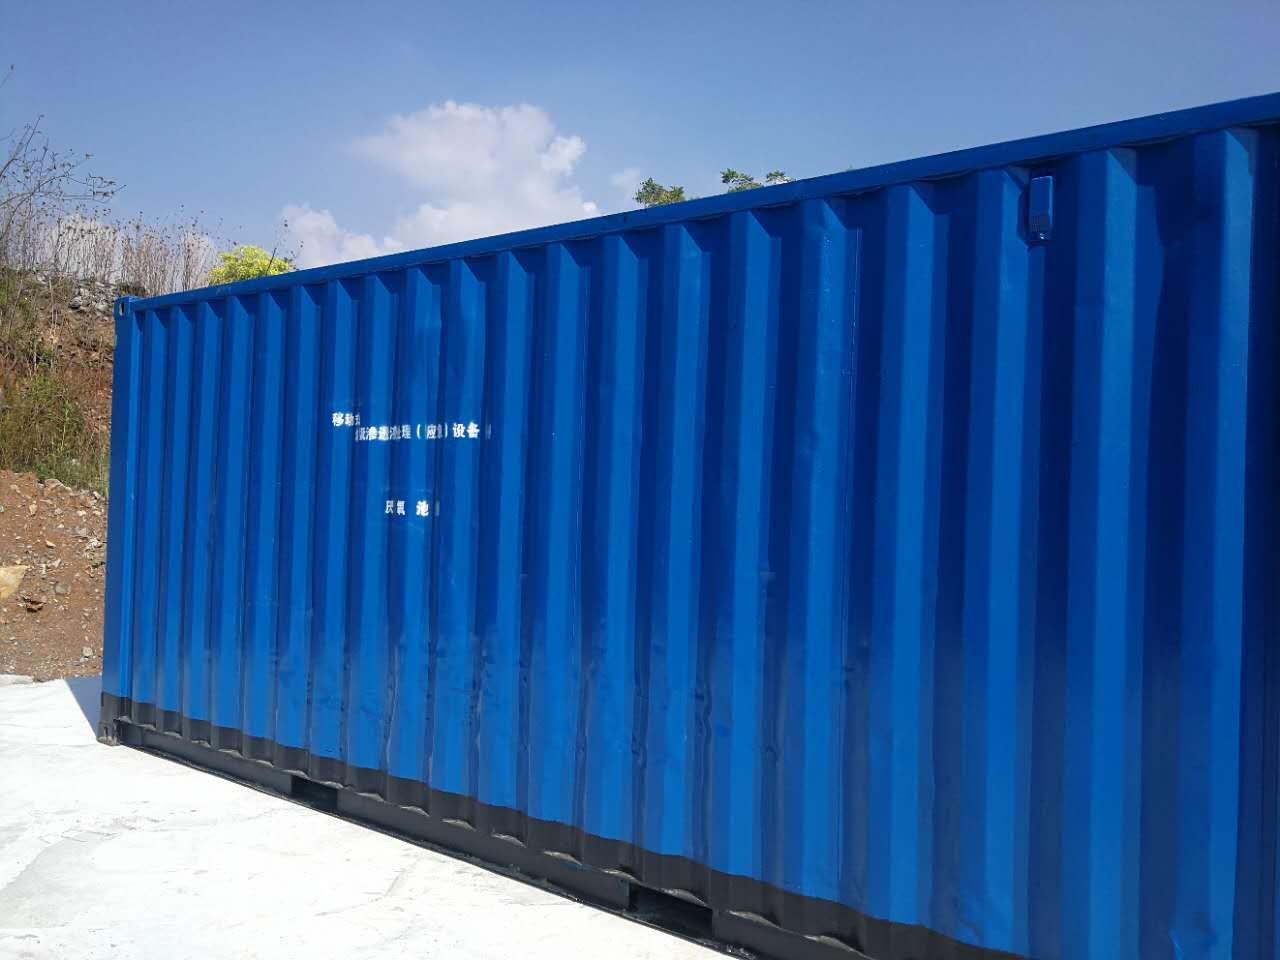 想要可靠的移动式垃圾渗滤液应急处理就找合肥科信环保 湖南专业的